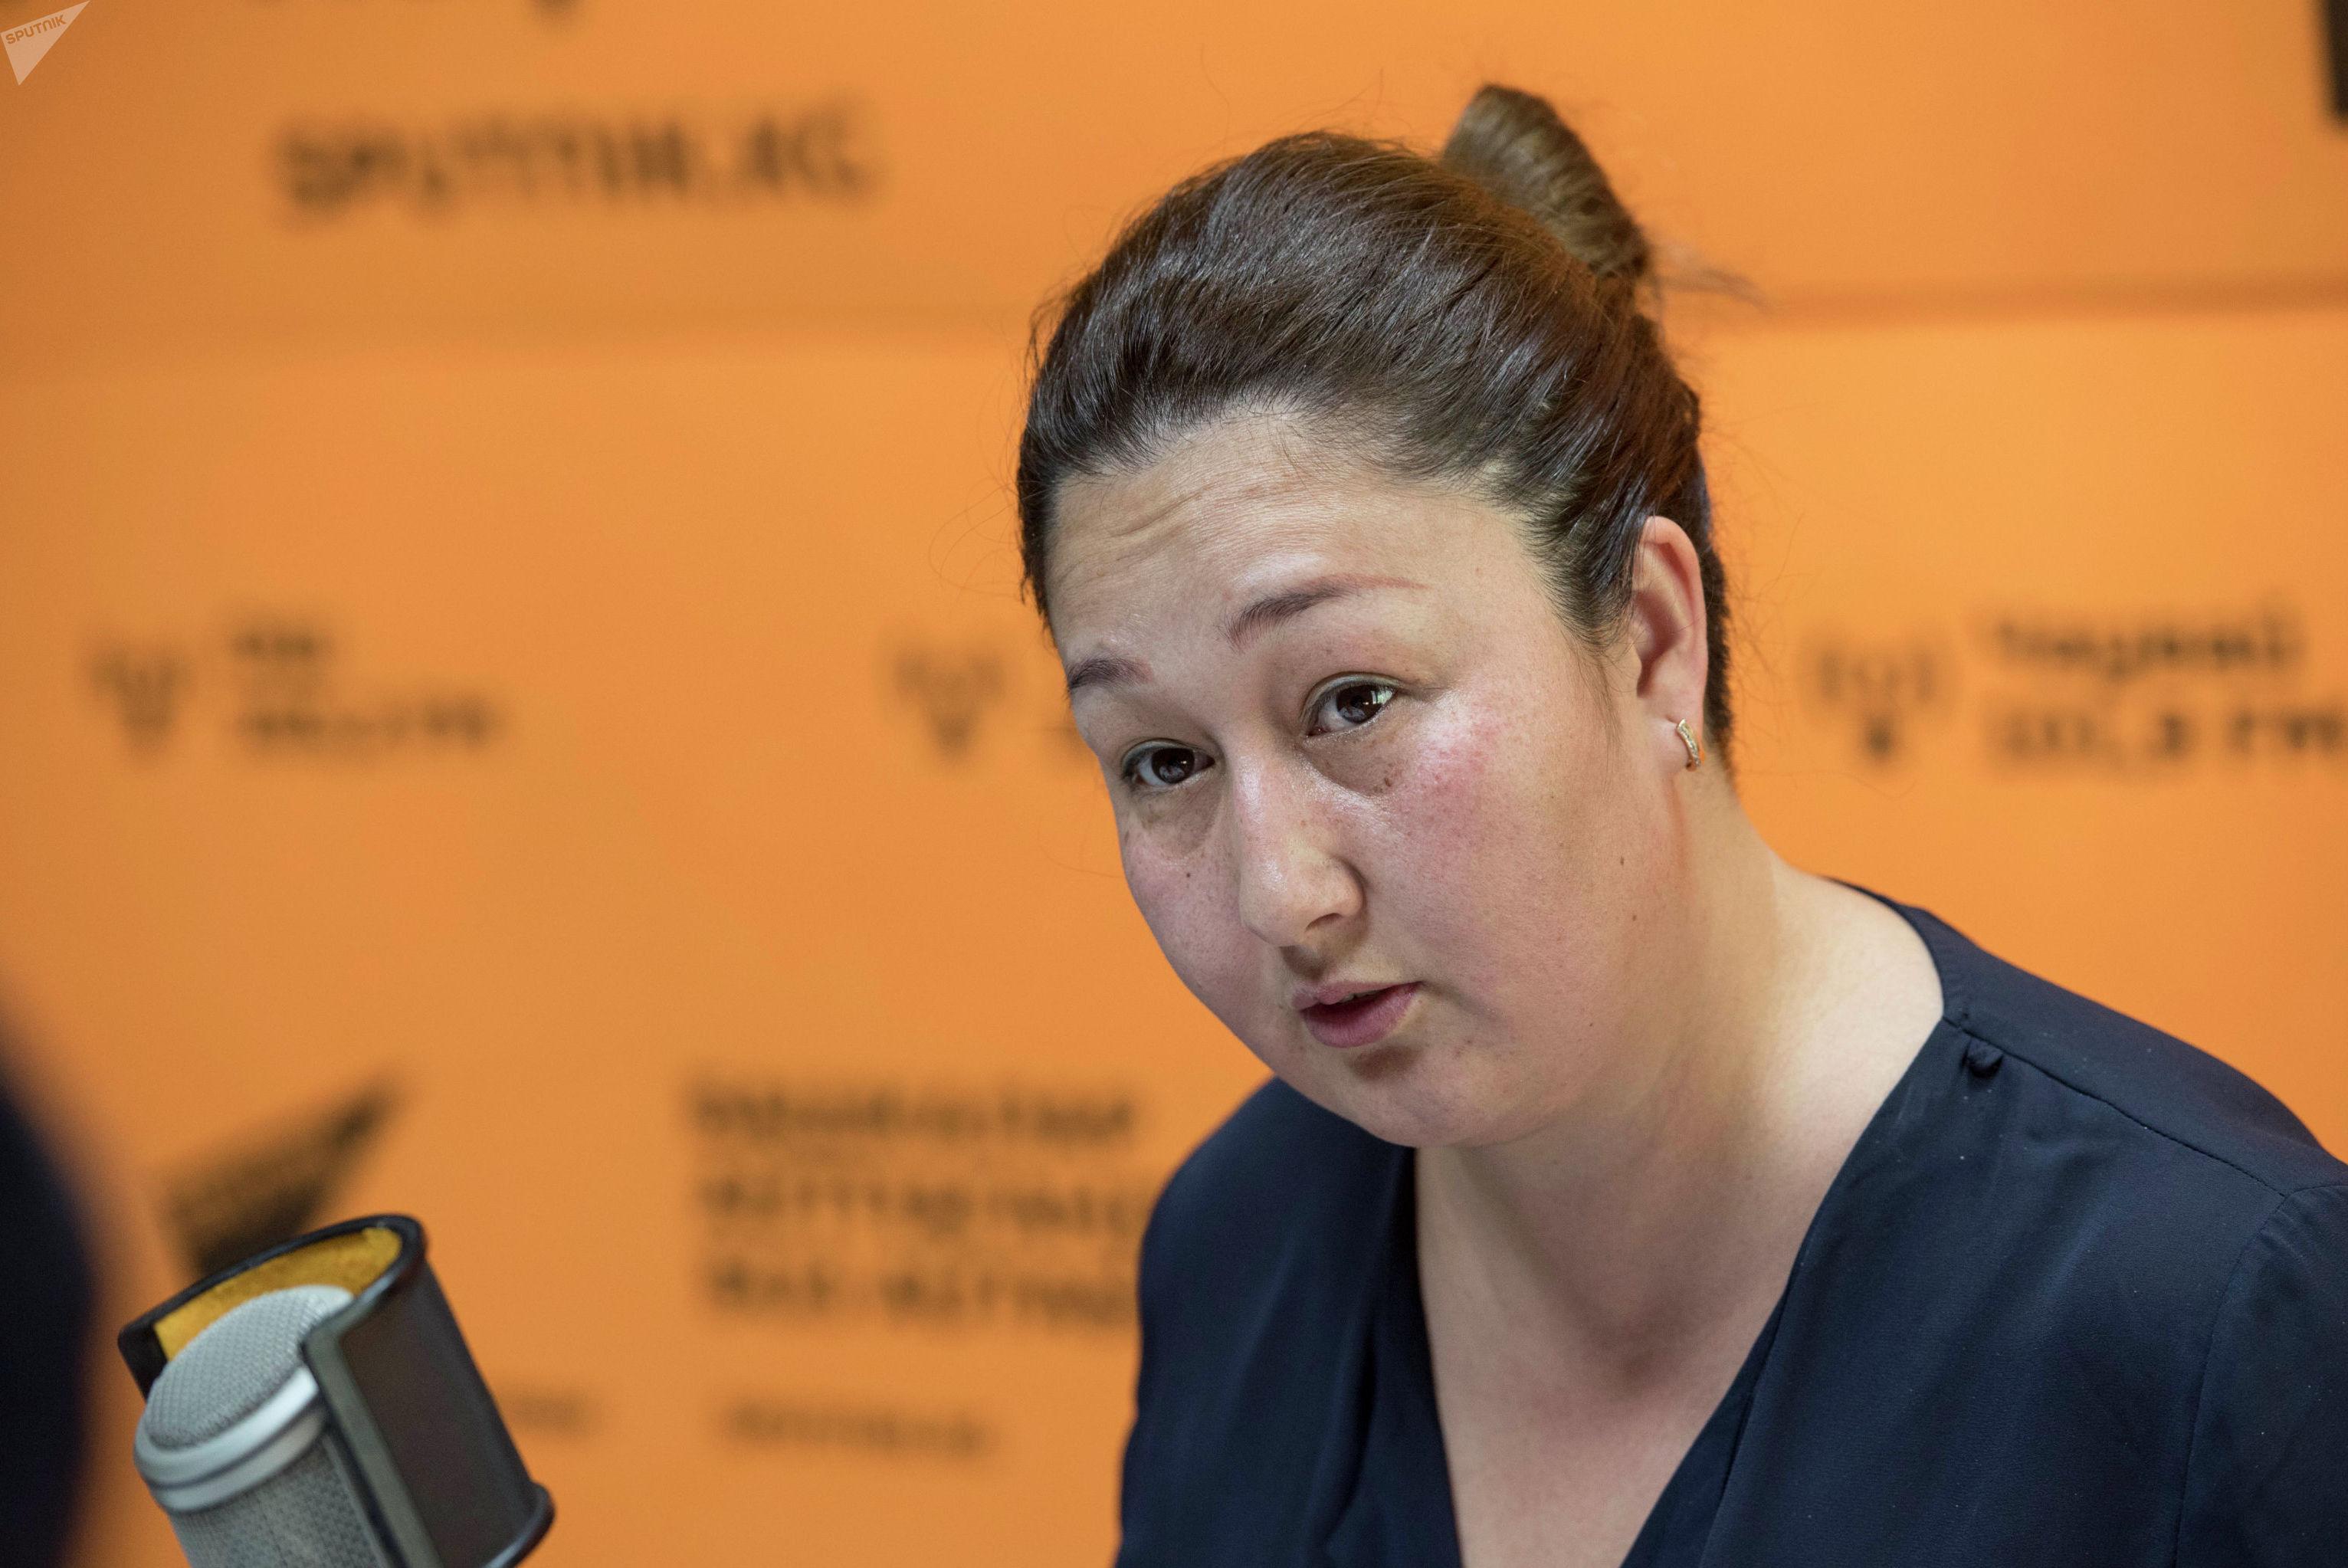 Директор компании Берекет Индира Абласова во время беседы на радио Sputnik Кыргызстан